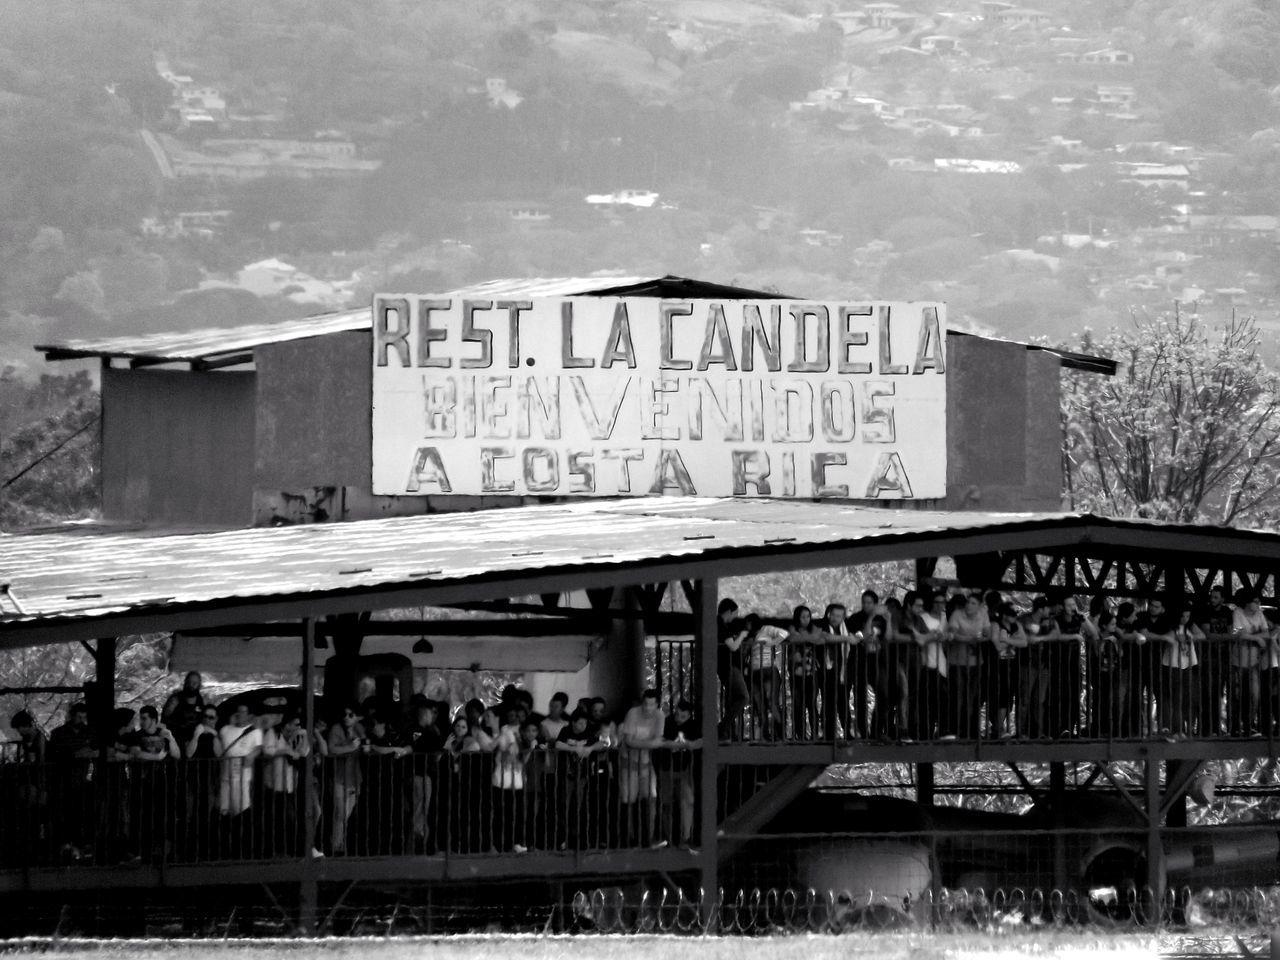 Bienvenidos a Costa Rica Mirador Lacandela Costarica Bienvenida EyeEm EyeEmNewHere